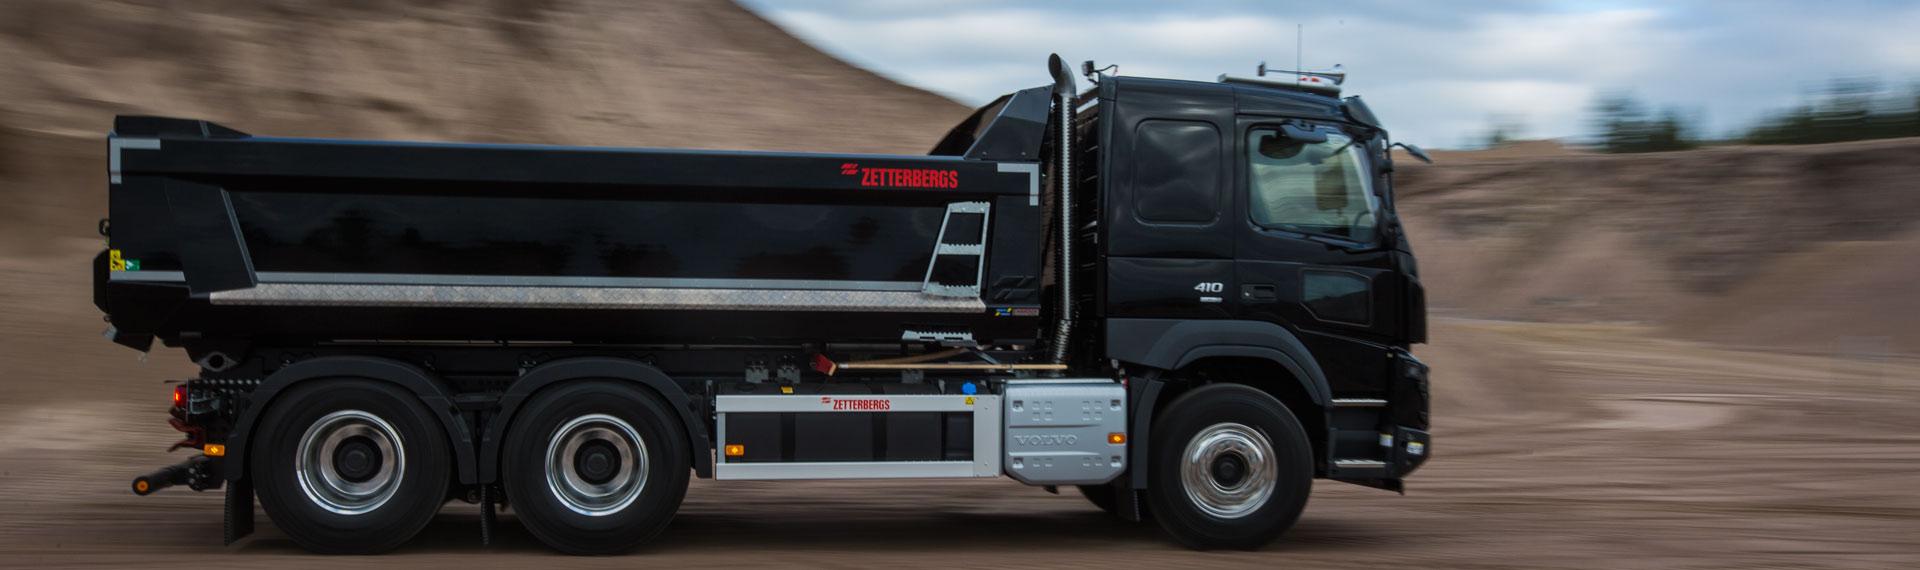 Hardox 500 Tuf -kulutuslevystä valmistettu kippiauto kartiomaisin sivupaneelein